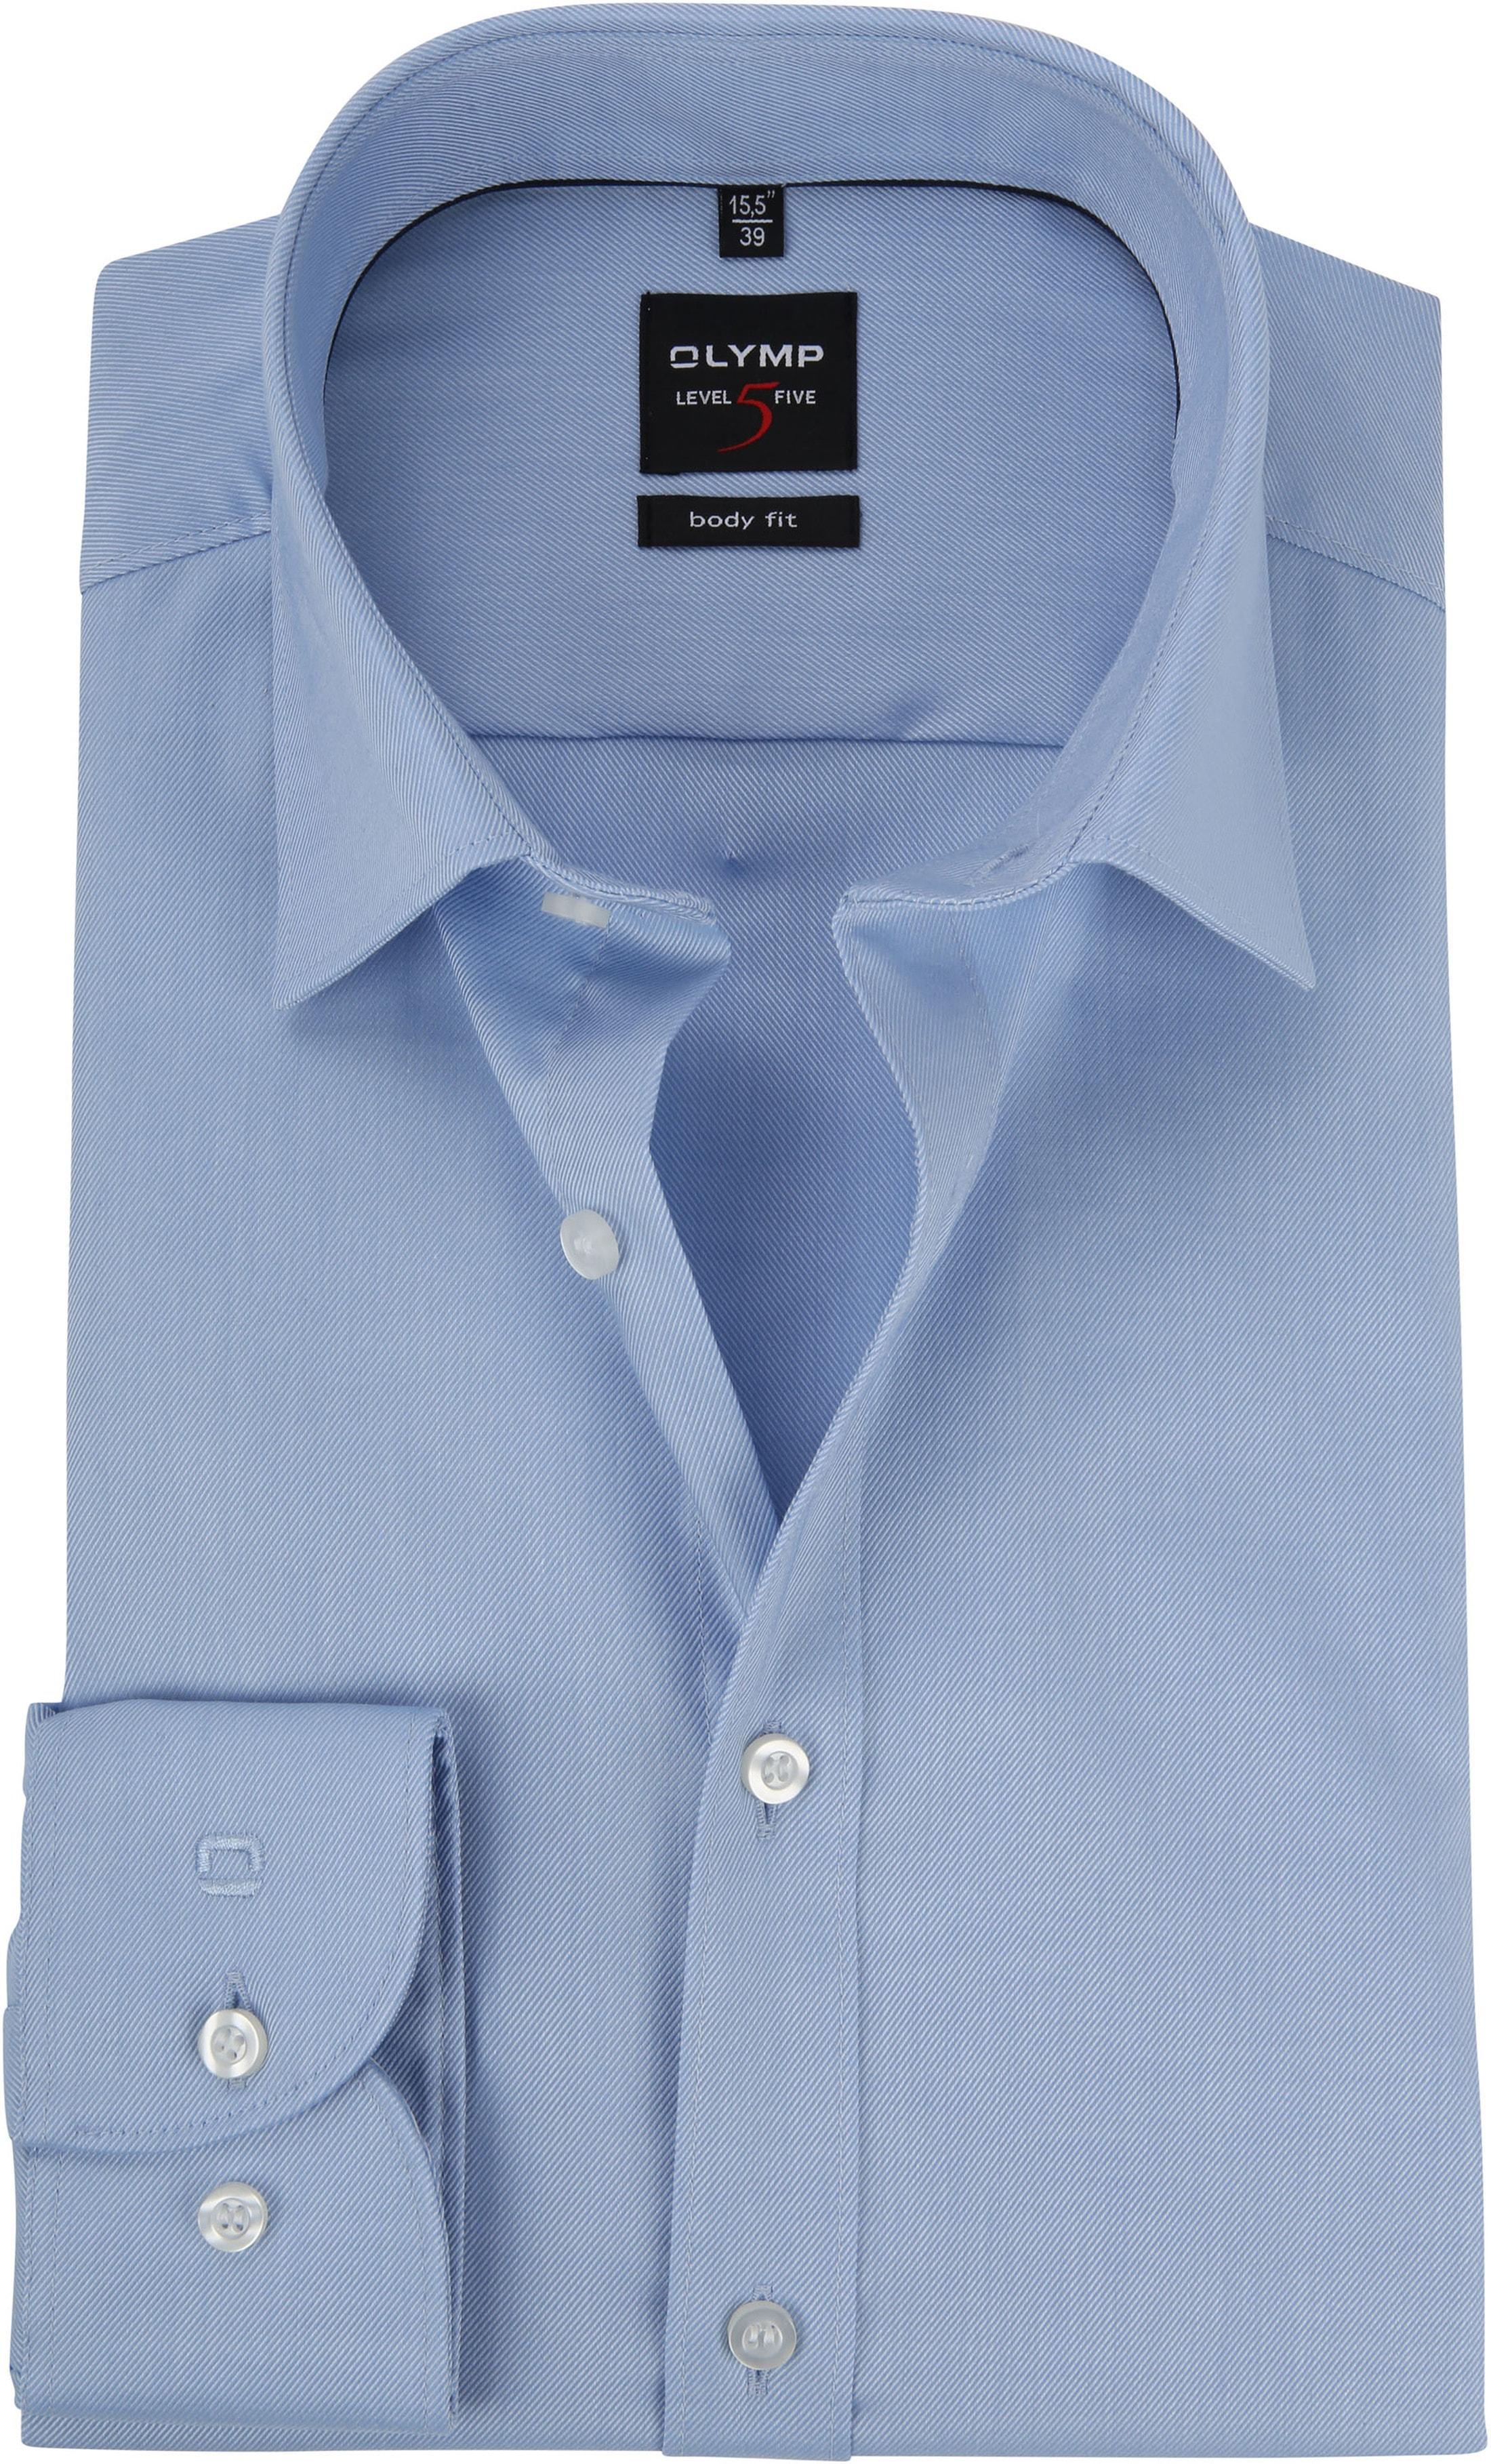 OLYMP Shirt BF Level 5 Twill Blue foto 0